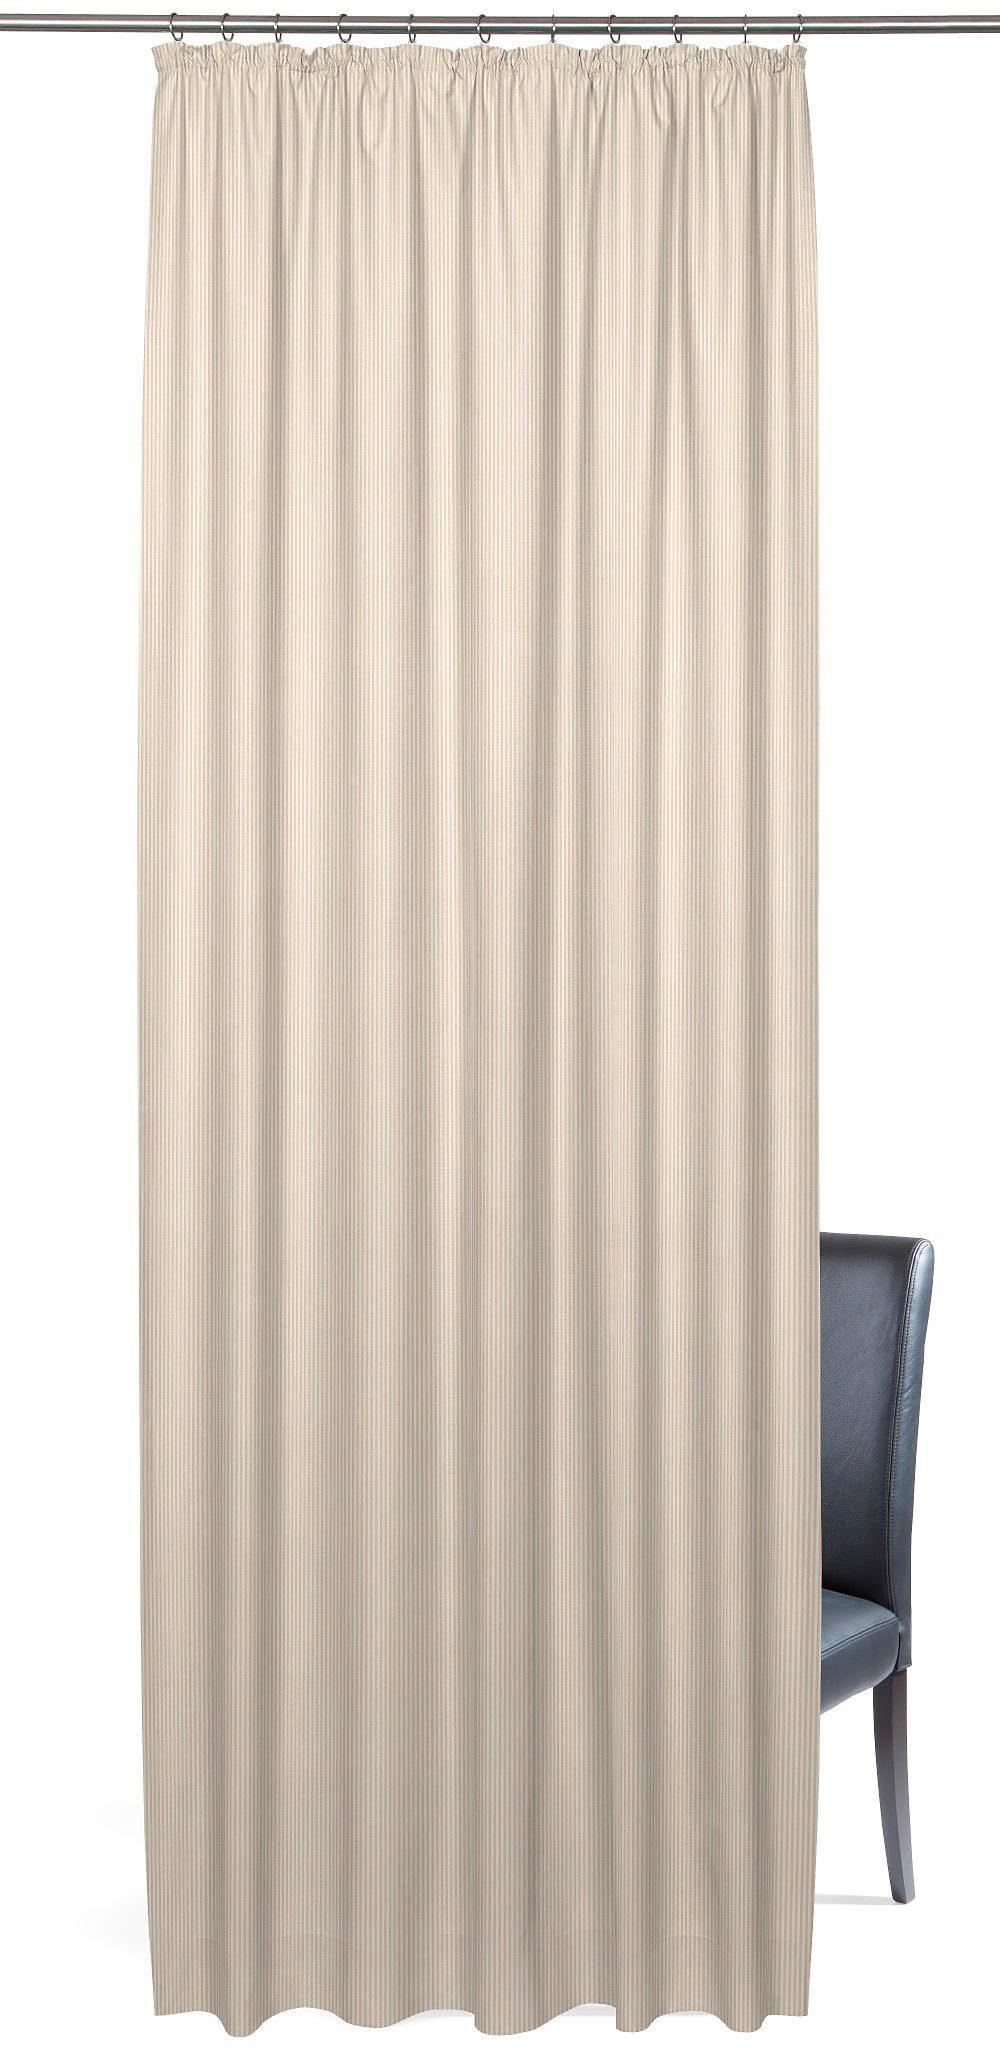 Vorhang, »Pin«, Gardisette, Kräuselband 1 Stück